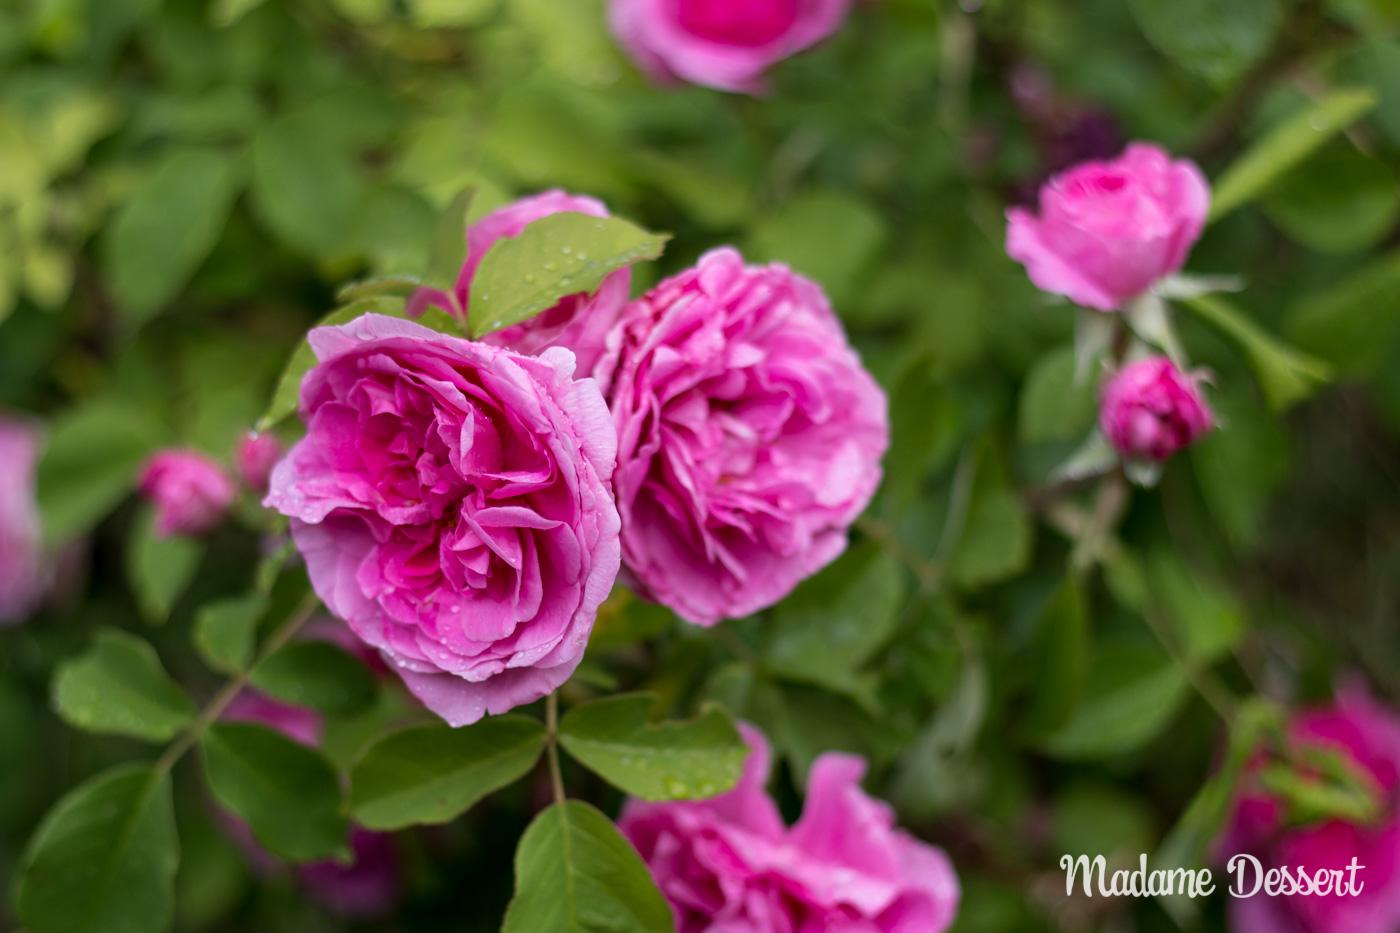 Rosenernte | Madame Dessert